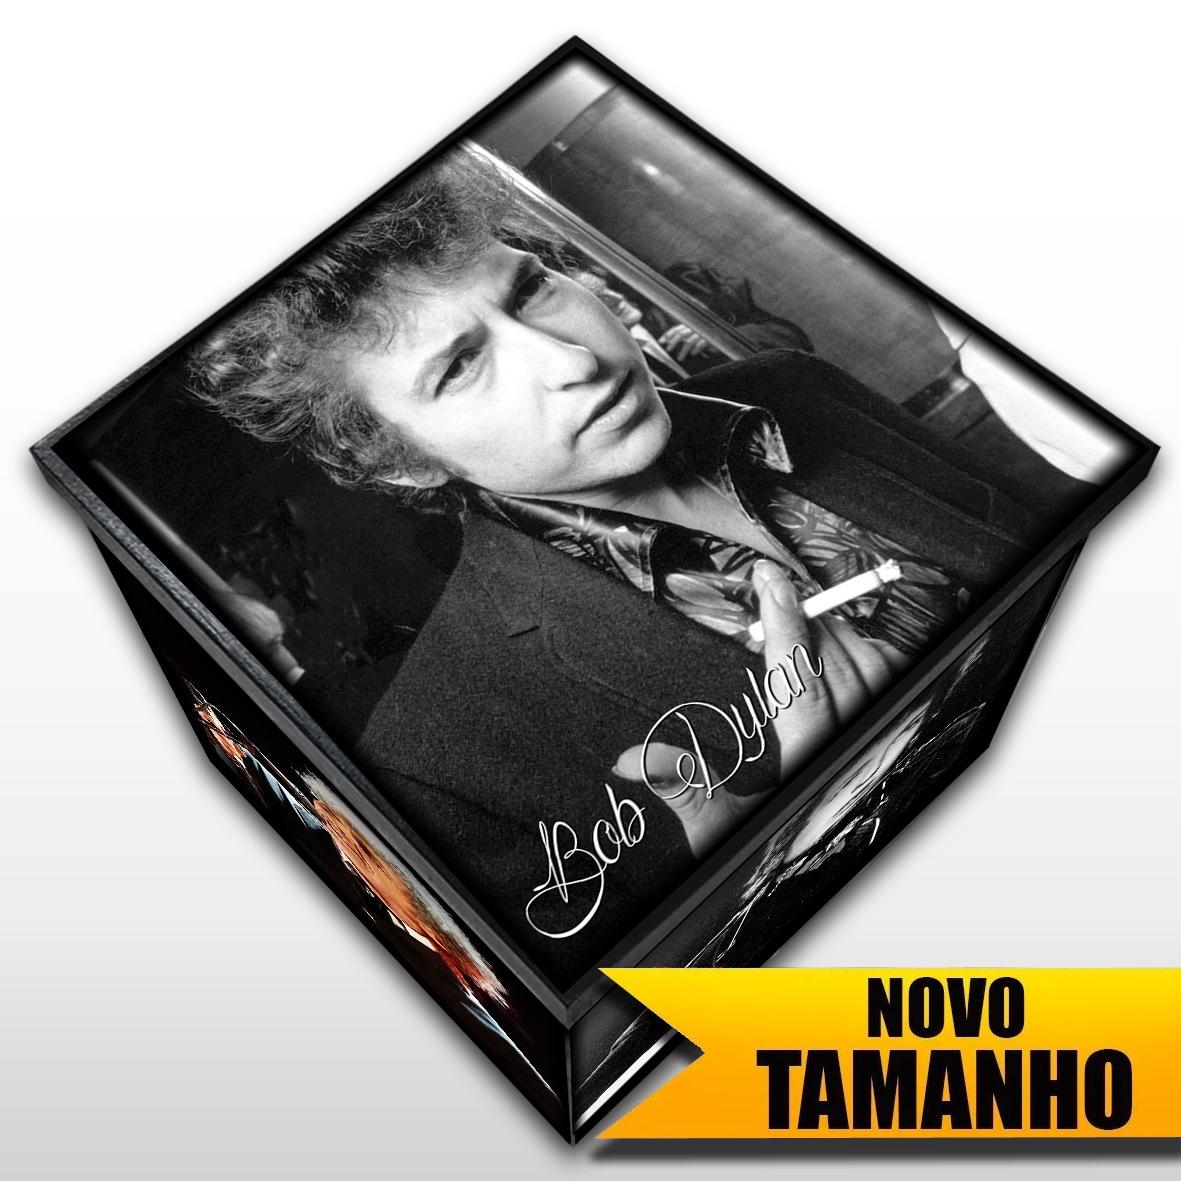 Bob Dylan - Caixa Em Madeira MDF - Tamanho Grande - Mr. Rock